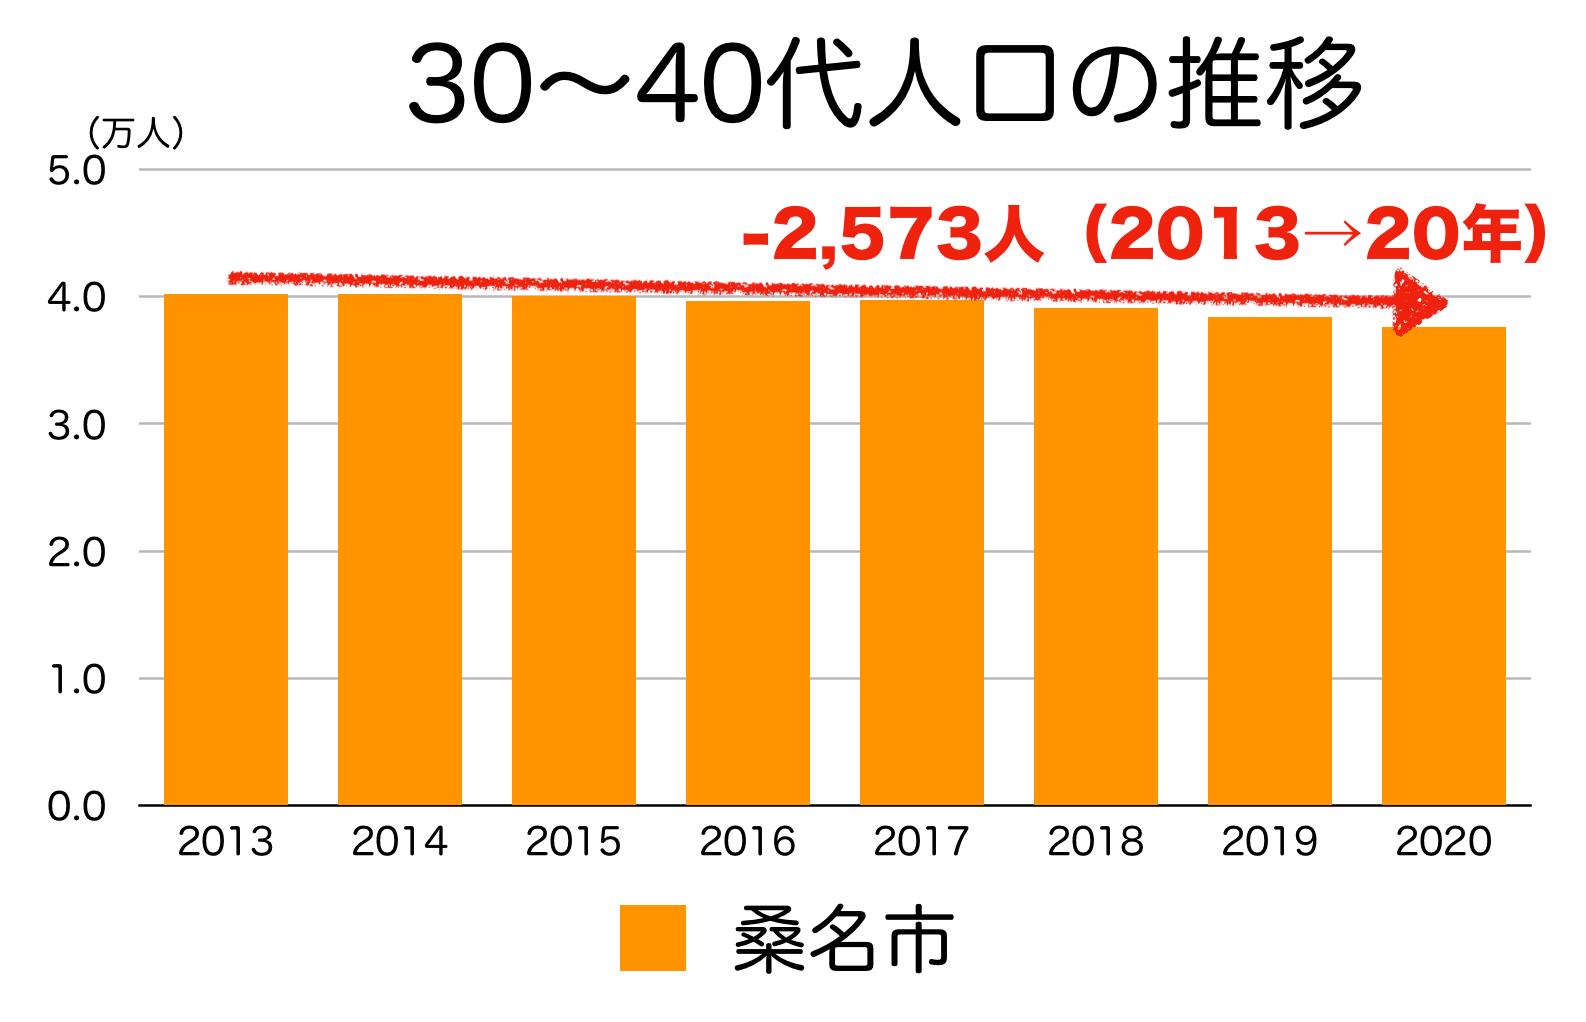 桑名市の30〜40代人口の推移